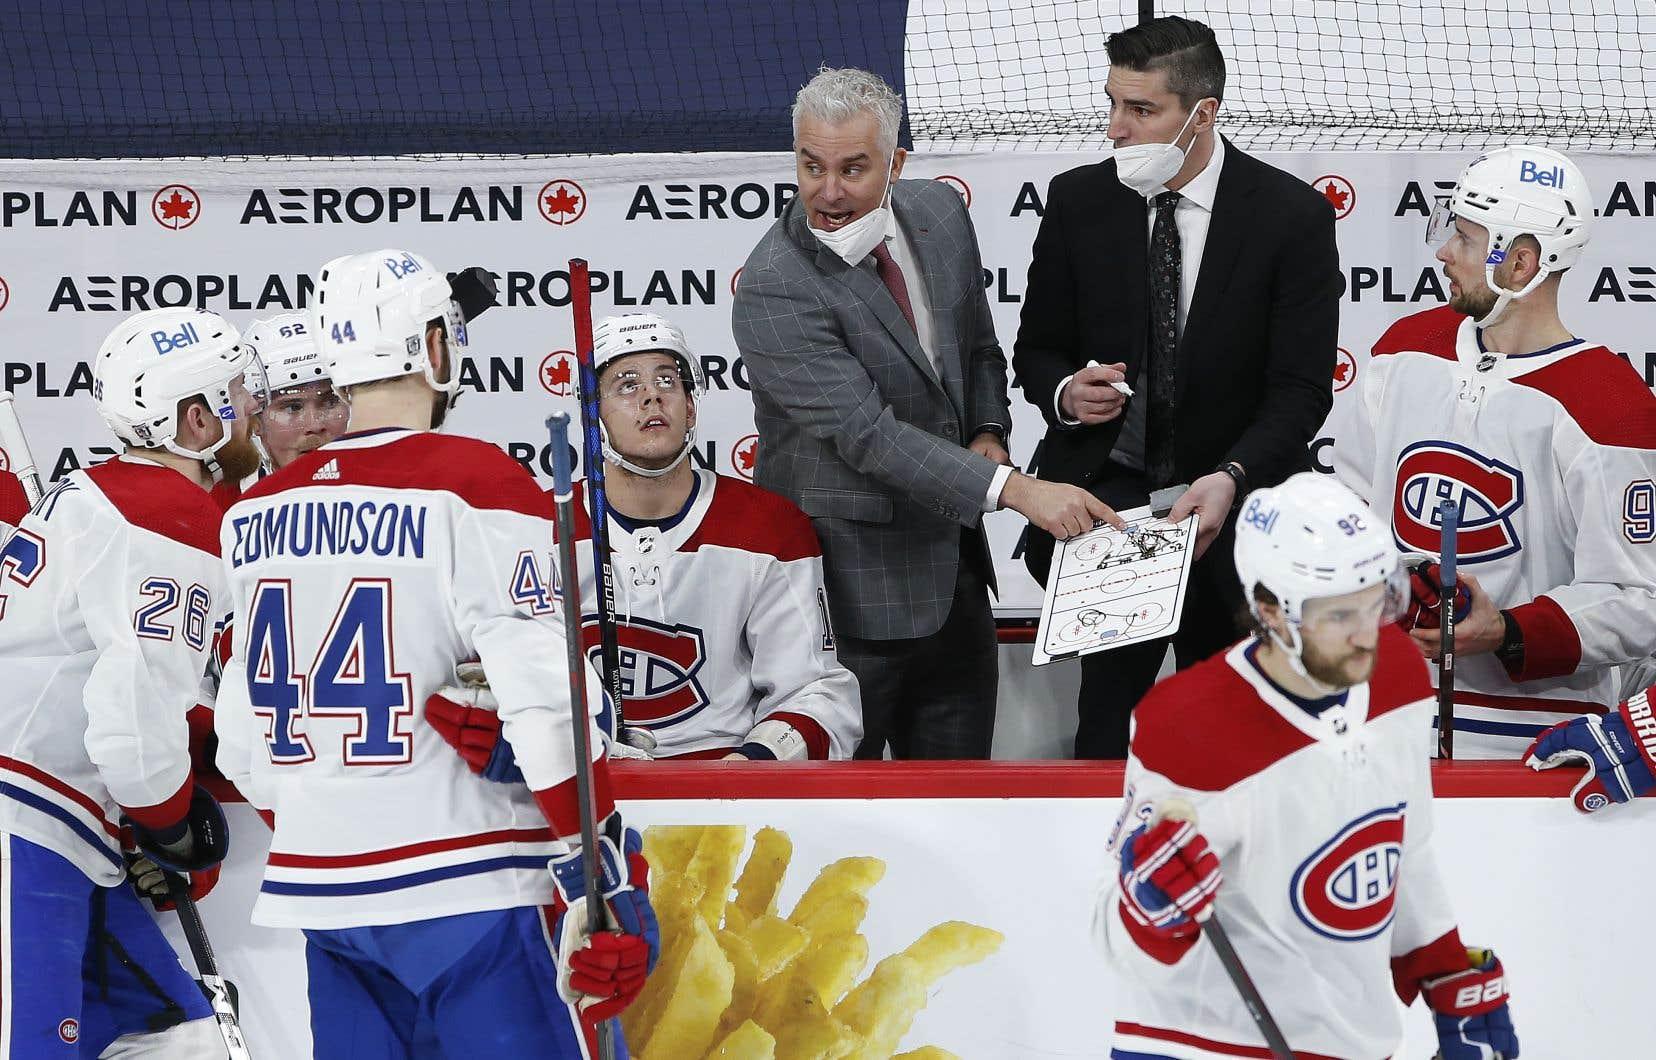 Alexandre Burrows est toujours passionné par le hockey, environ deux ans et demi après avoir mis un terme à sa carrière de joueur.